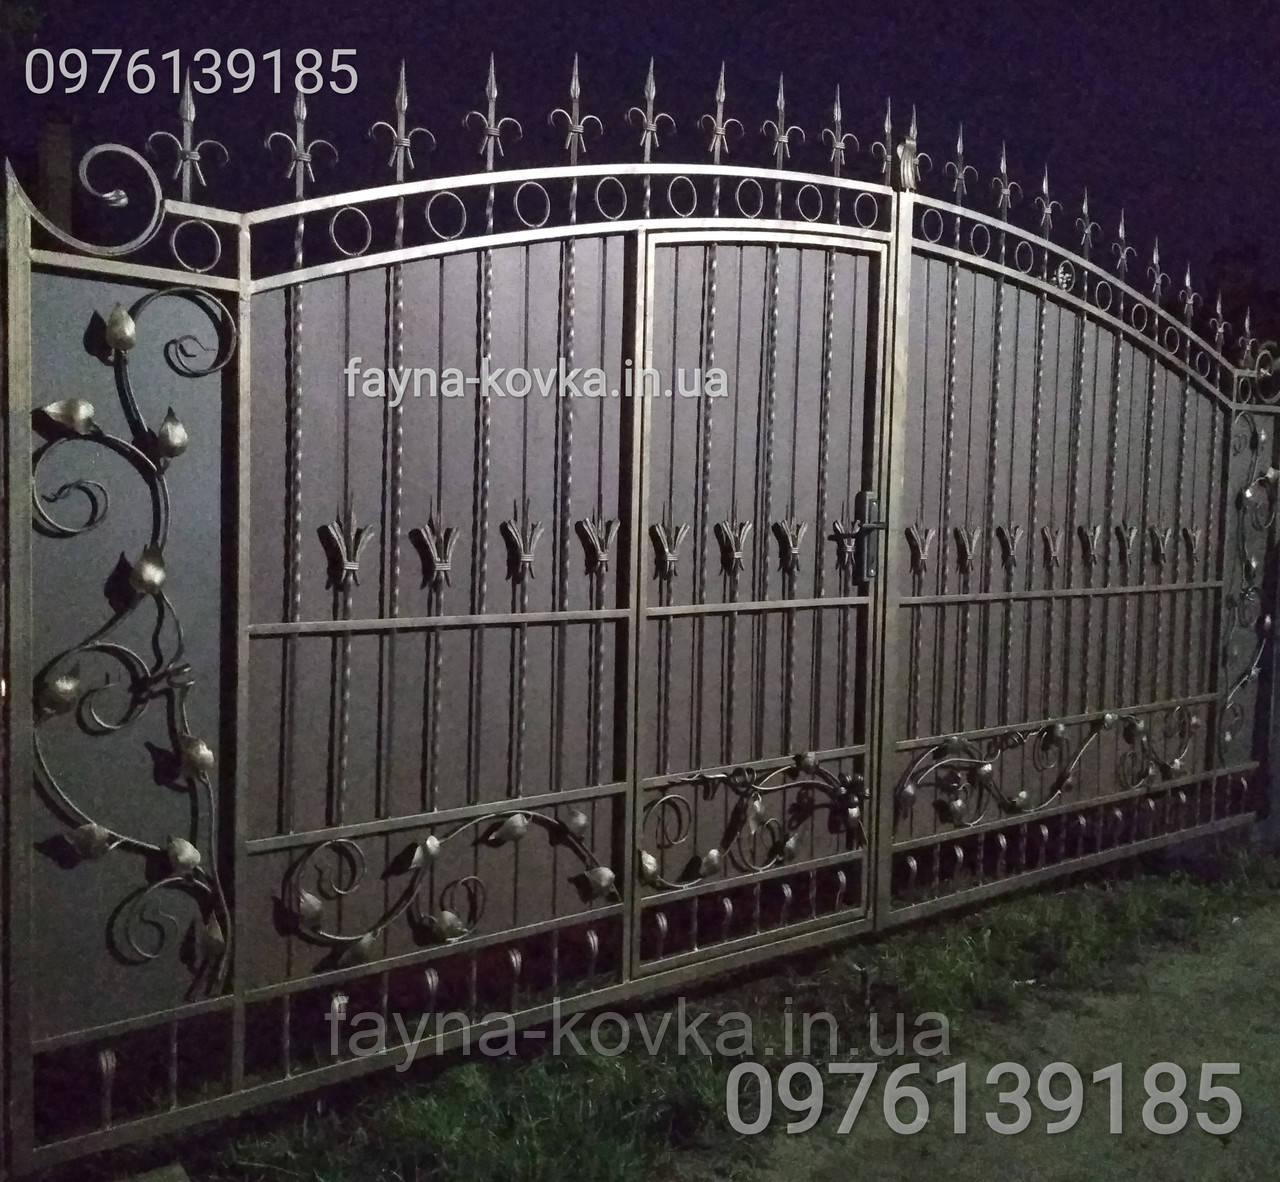 Ворота закриті, калітка всередині 1715